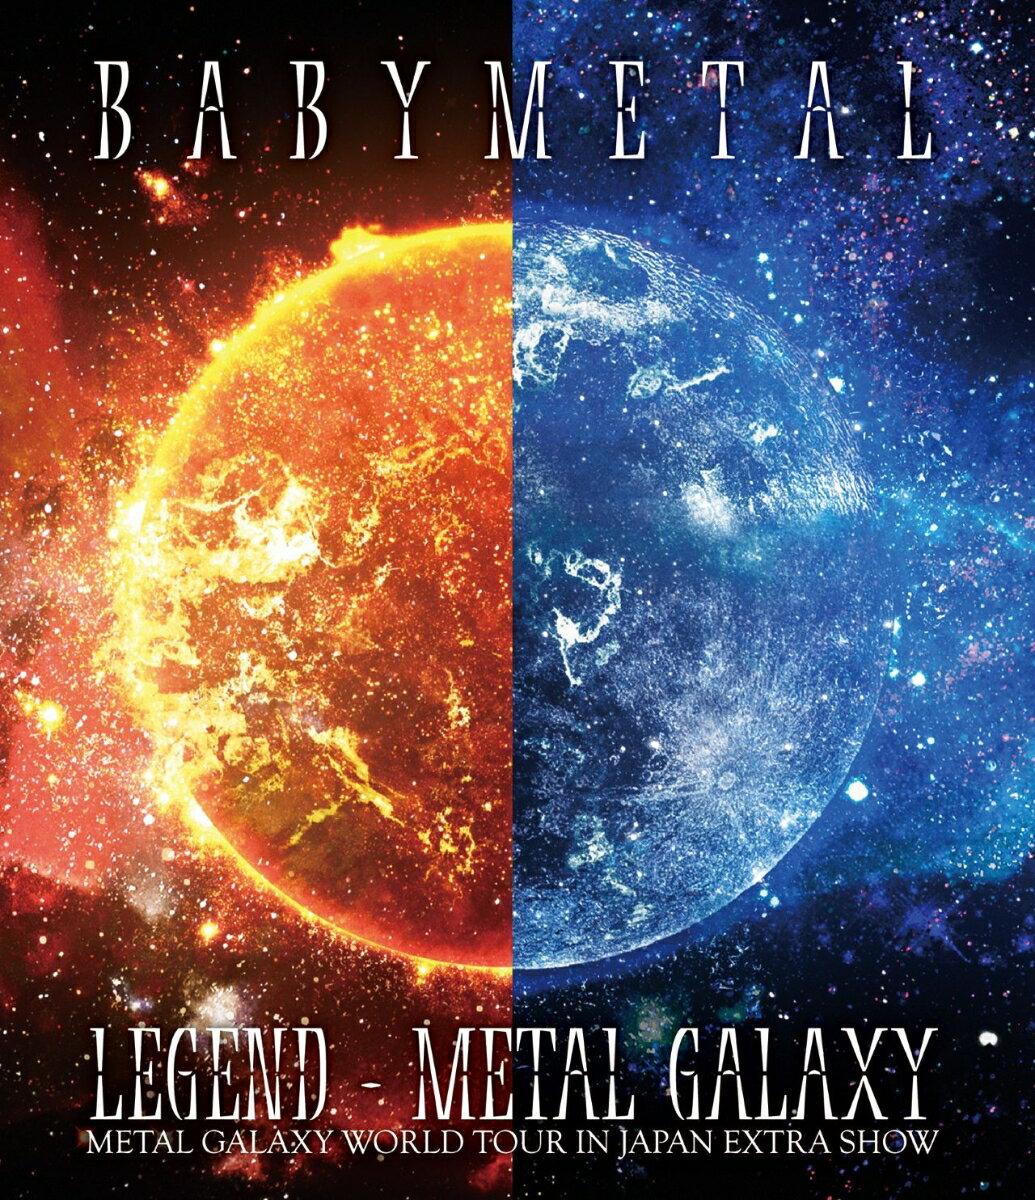 ミュージック, その他 LEGEND - METAL GALAXY (METAL GALAXY WORLD TOUR IN JAPAN EXTRA SHOW)Blu-ray BABYMETAL